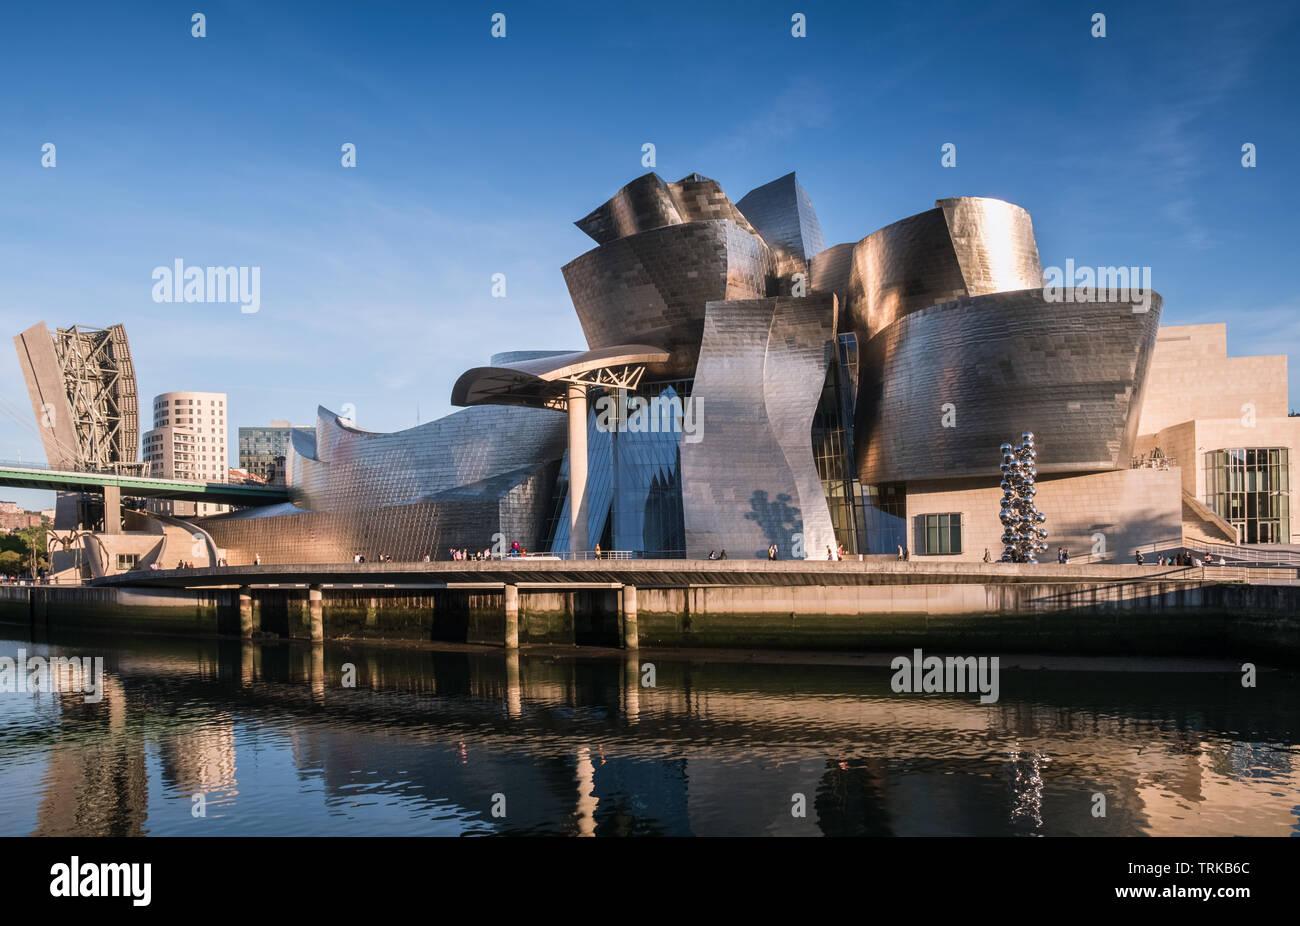 Die zeitgenössische Architektur des Guggenheim Museum Gebäude neben den Fluss Nervion, Bilbao, Baskenland, Spanien. Stockbild